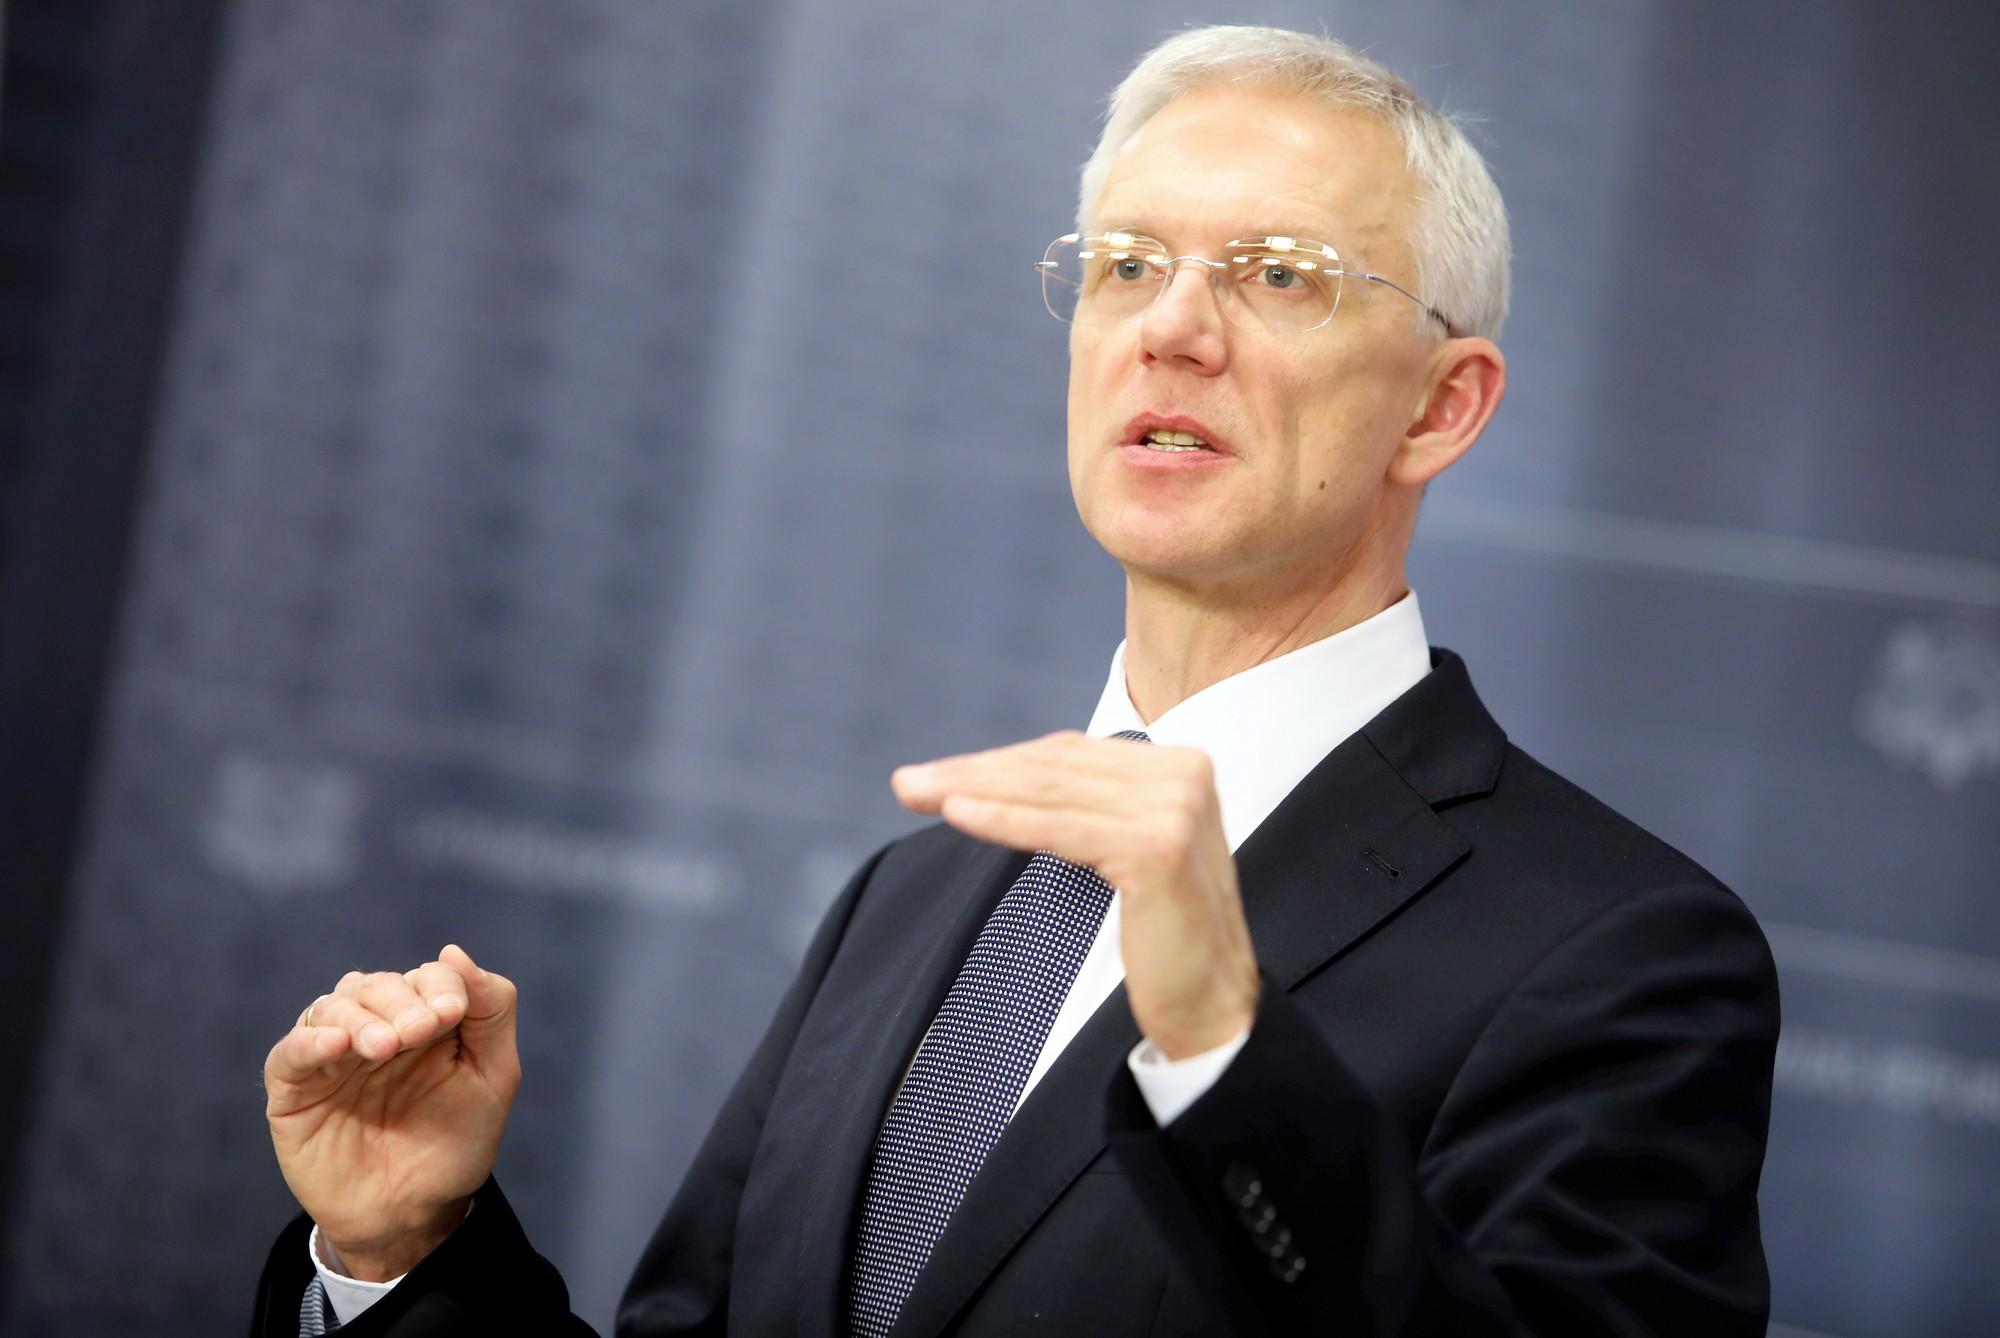 Кариньш: бюджет 2020 года — лишь маленький шаг в направлении к скандинавскому уровню благосостояния